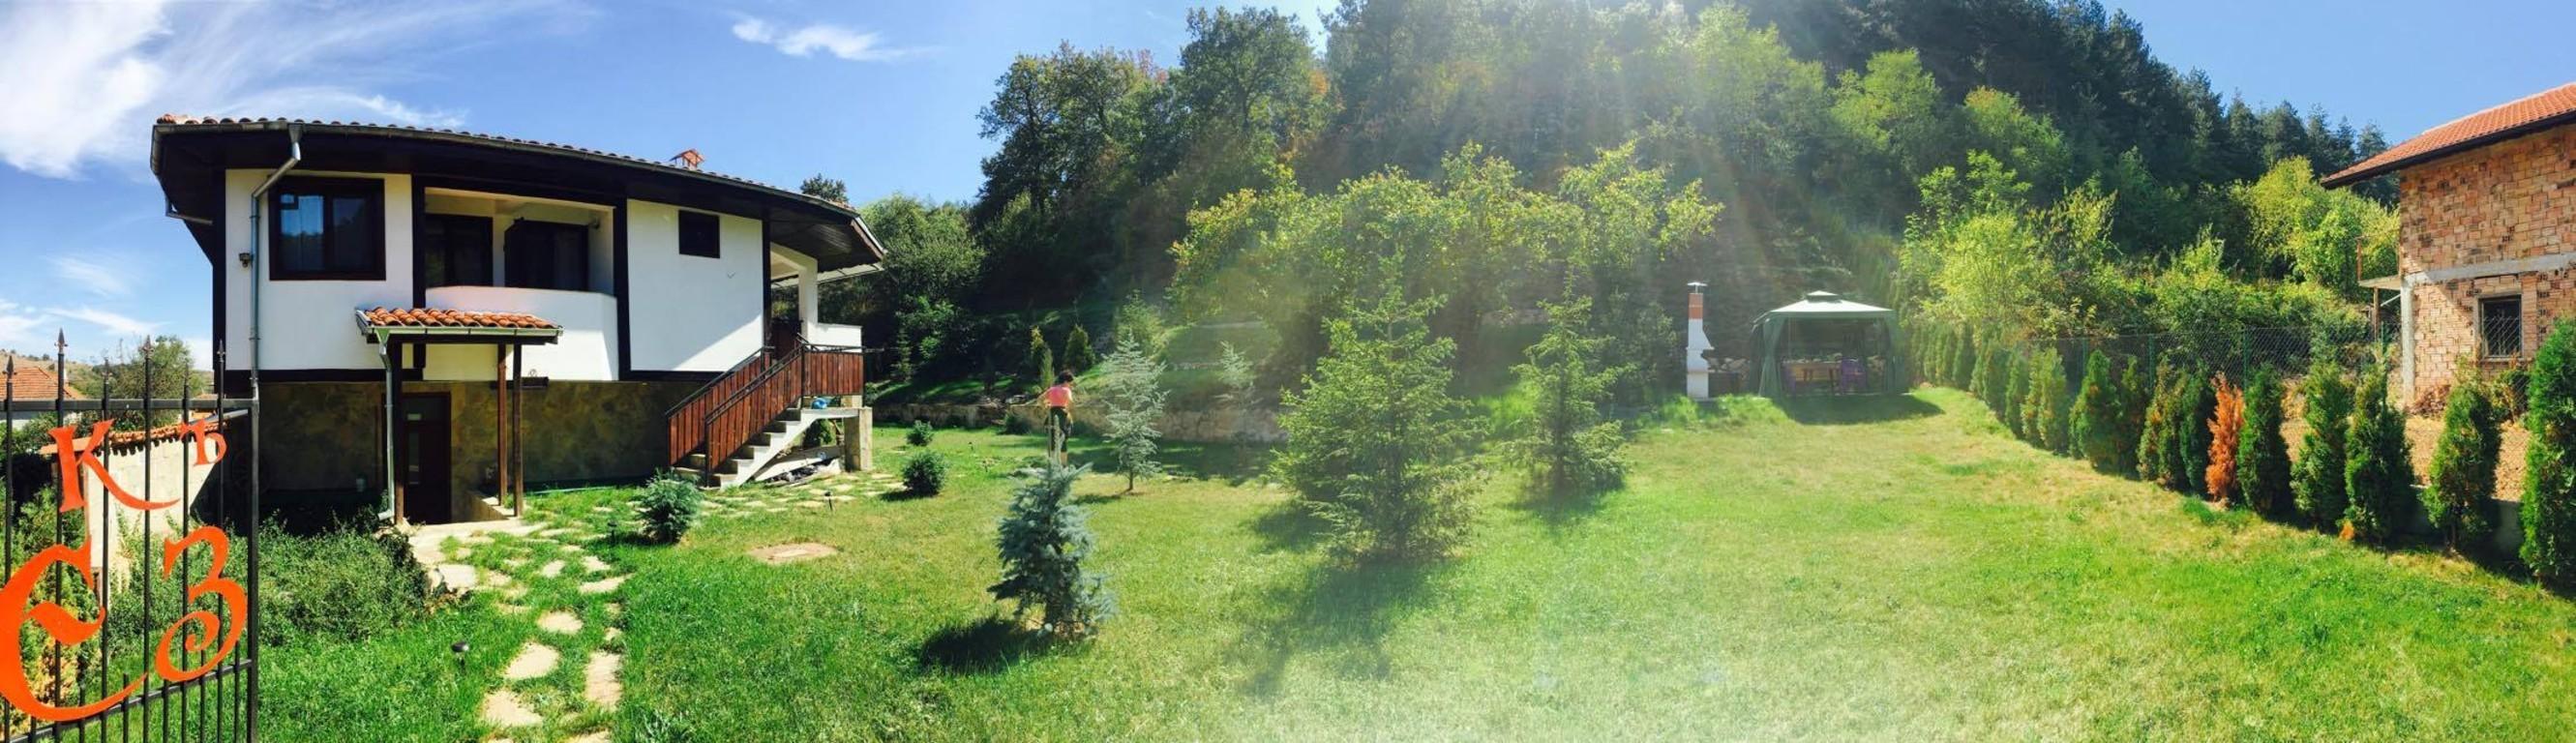 Gostevoj Dom Sezoni Selo Turiya Pavel Banya